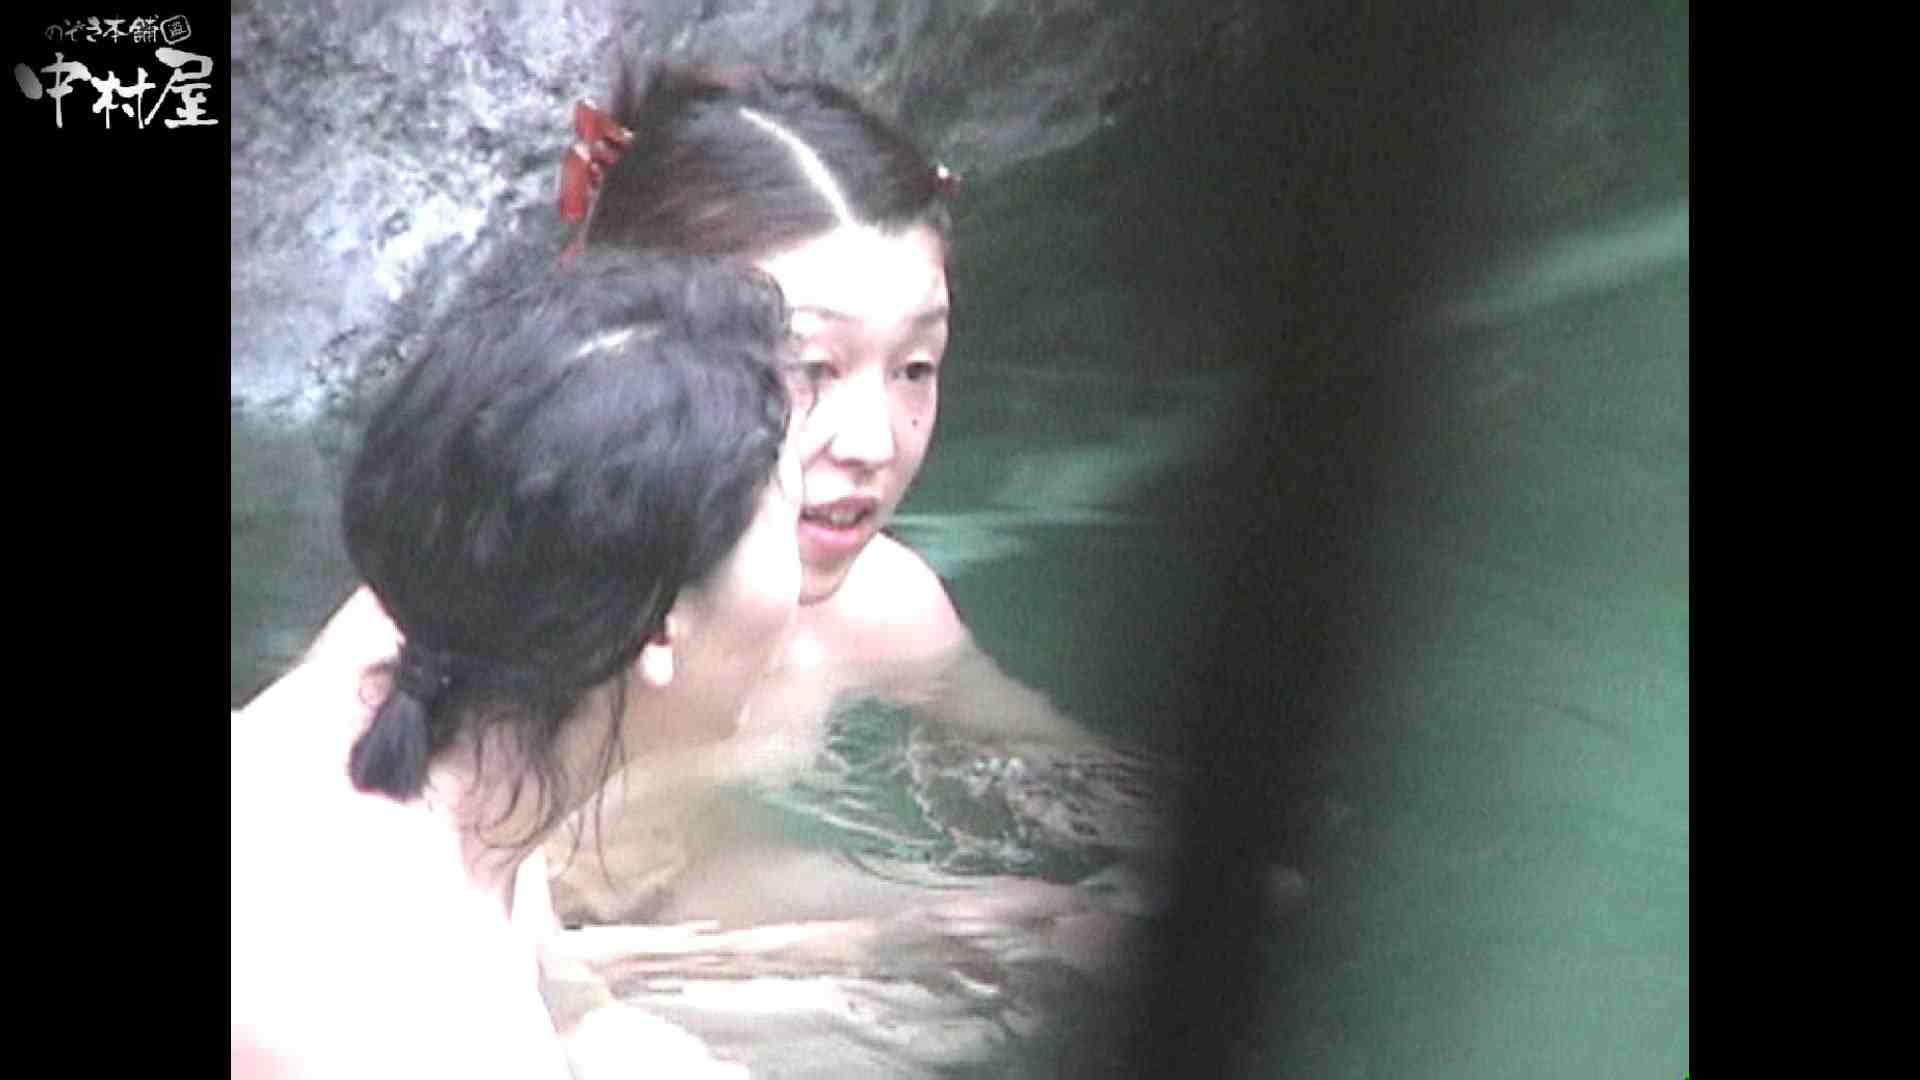 Aquaな露天風呂Vol.954 OLのエロ生活  113連発 21